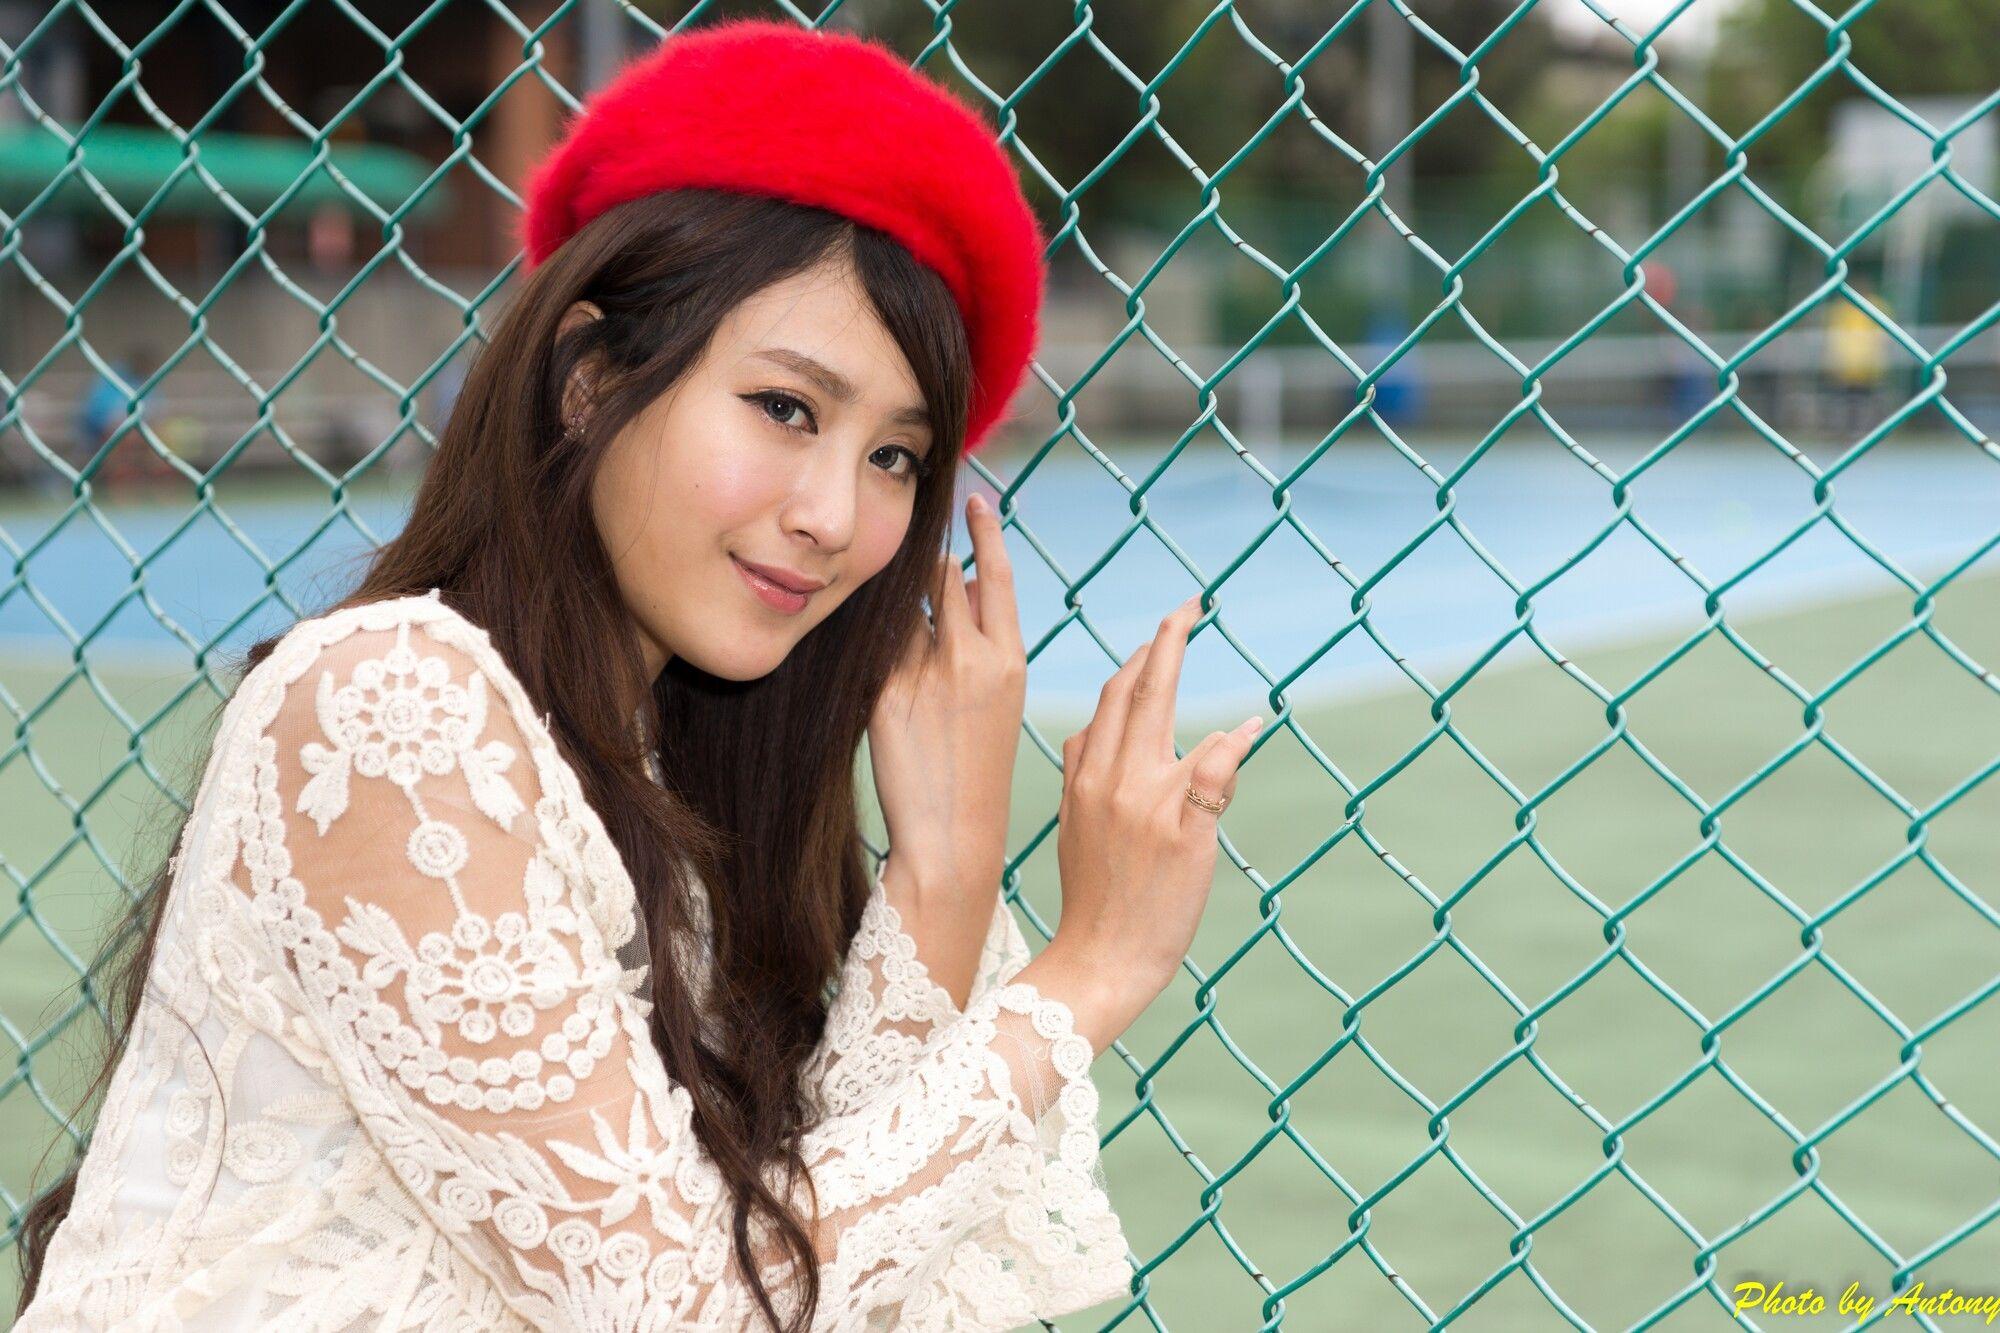 VOL.53 [台湾正妹]清纯甜美唯美阳光软妹:夏晴(夏晴Miso,腿模Miso)超高清个人性感漂亮大图(80P)